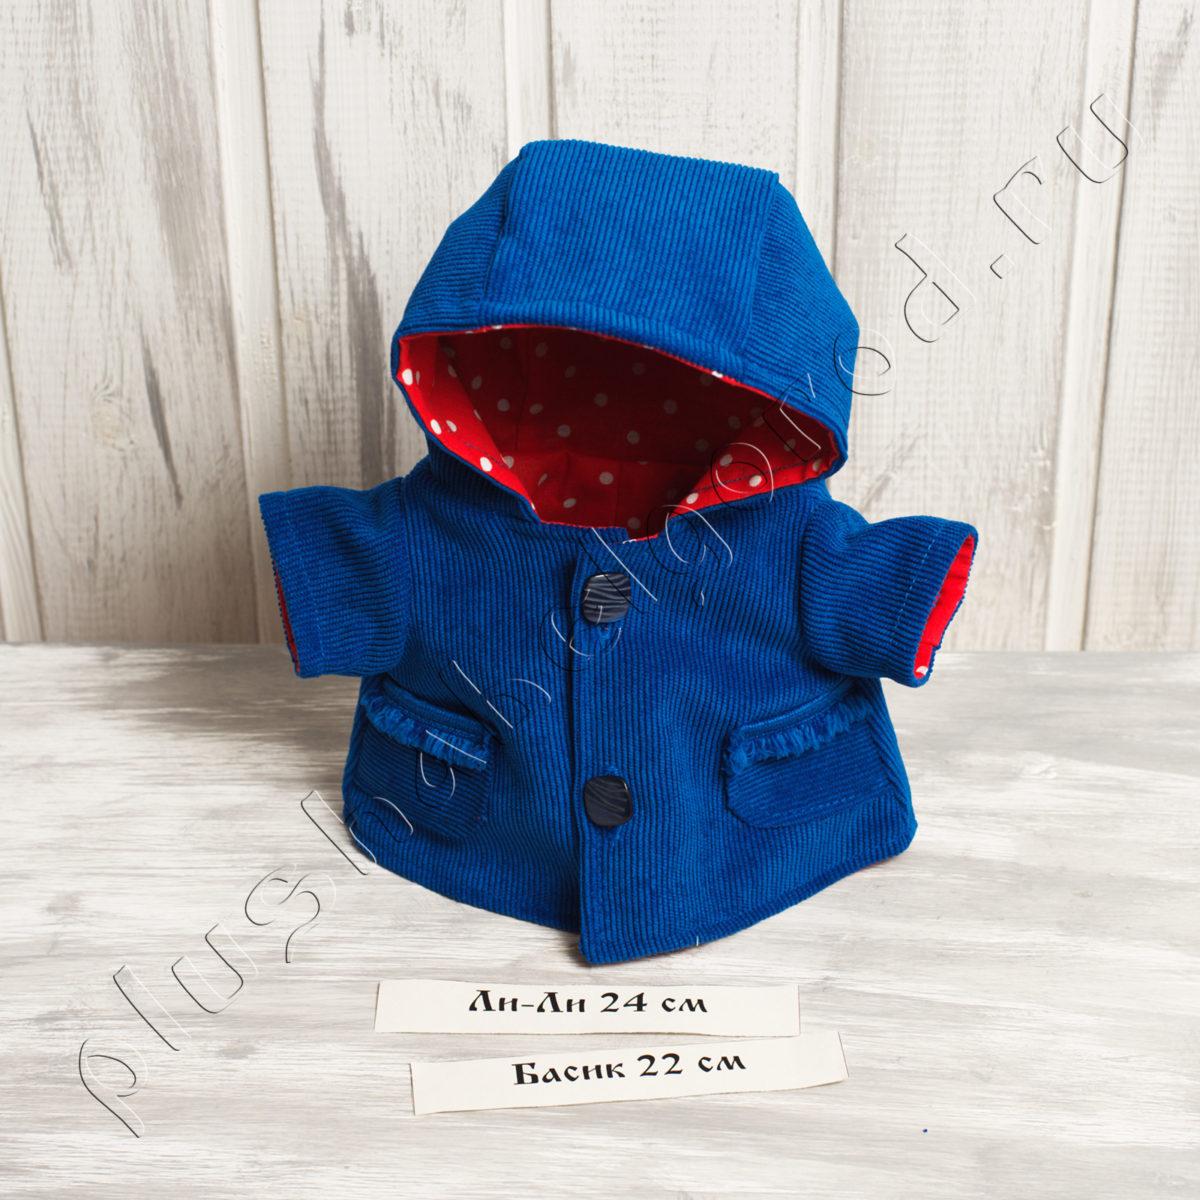 Хит продаж!!! Пальто вельветовое с красной в горошек подкладкой (22,24)